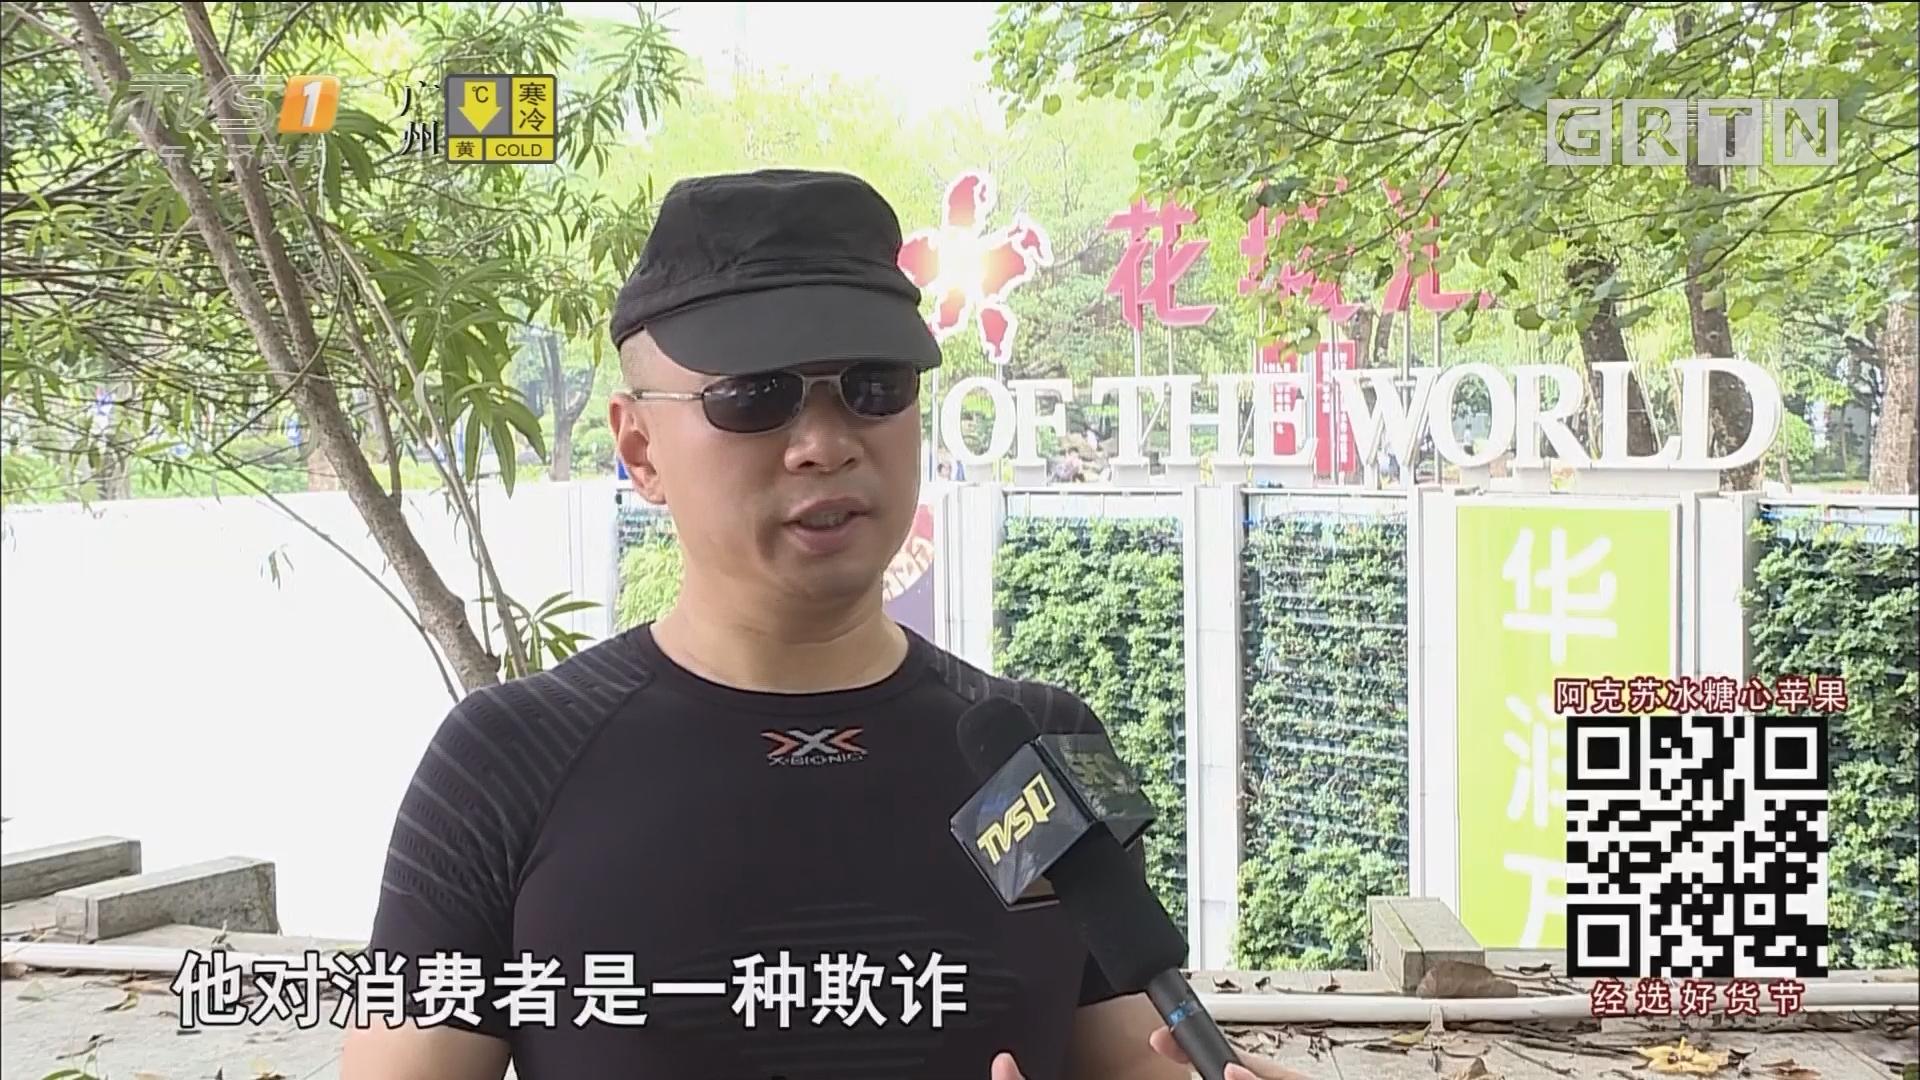 疑似出售过期食品 王海实名举报华润万家